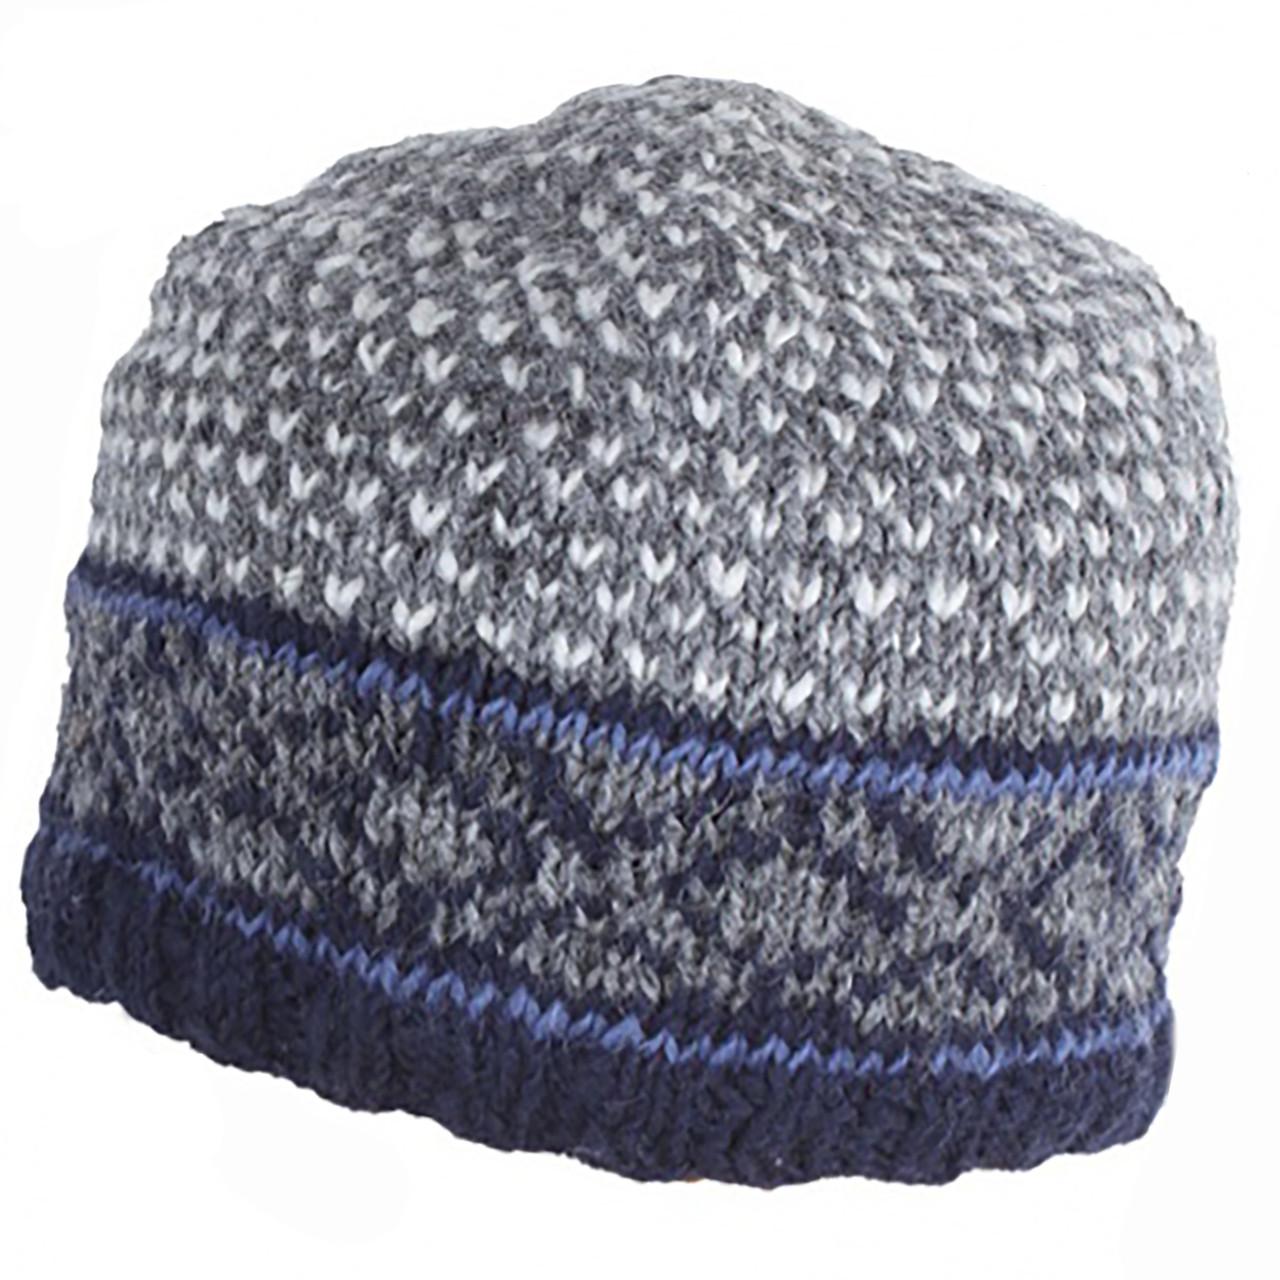 5b1f42482fe Pachamama Hand Knitted 100% Wool Tromso Beanie Hat - Navy. Price  £15.95.  Image 1